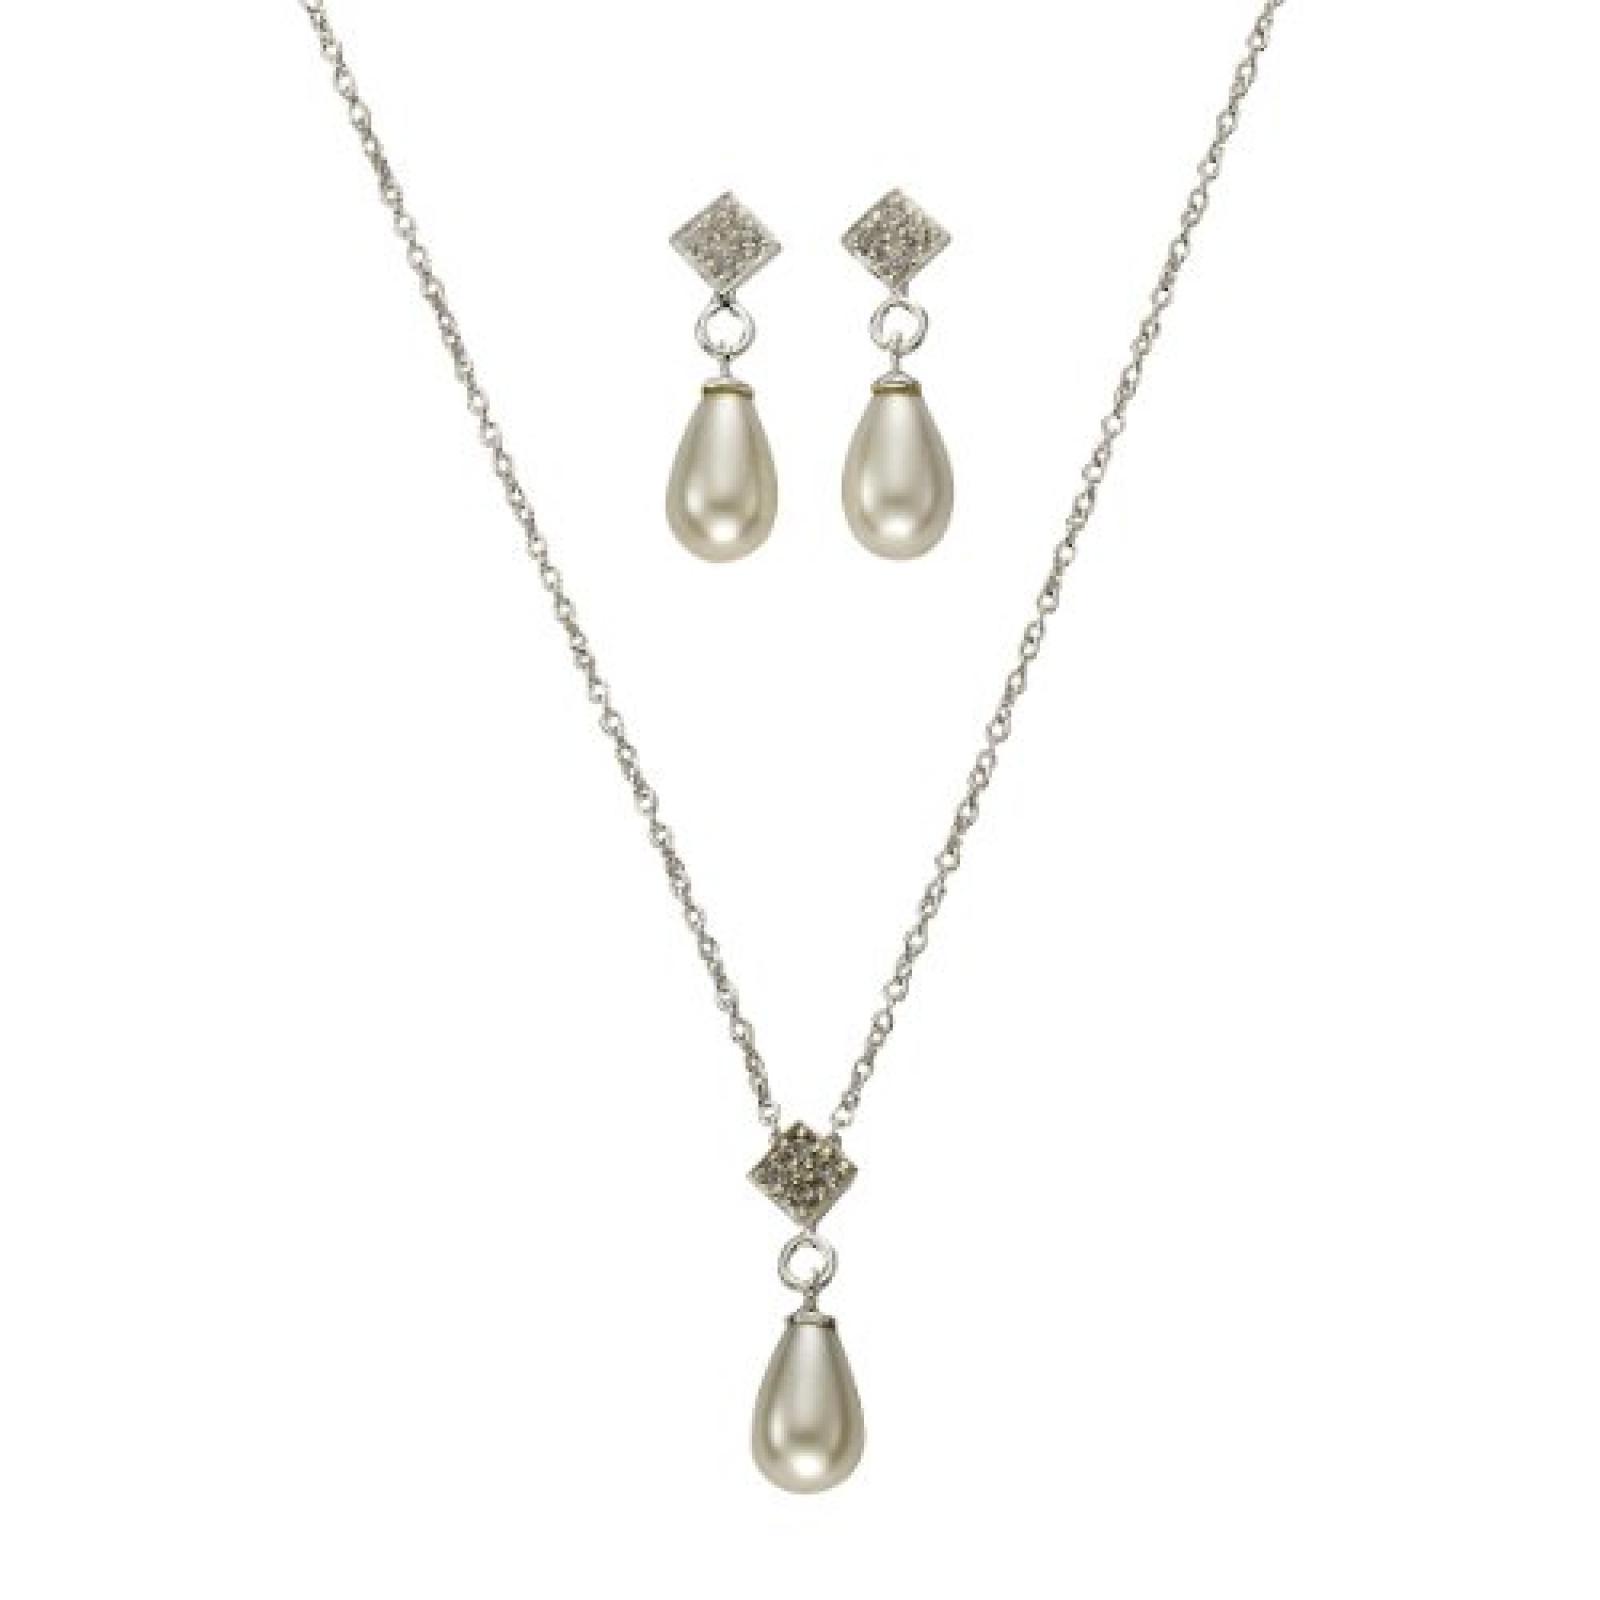 ZEEme Damen-Set: Halskette + Ohrringe Silber weiß 2-teilig Süßwasserzuchtperle Zirkonia 301200076-1